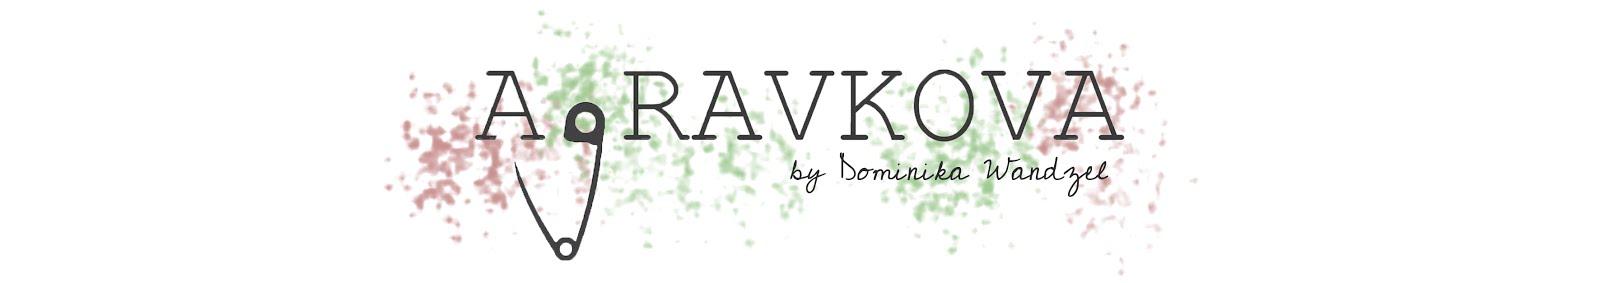 AGRAVKOVA- Kreatywny blog